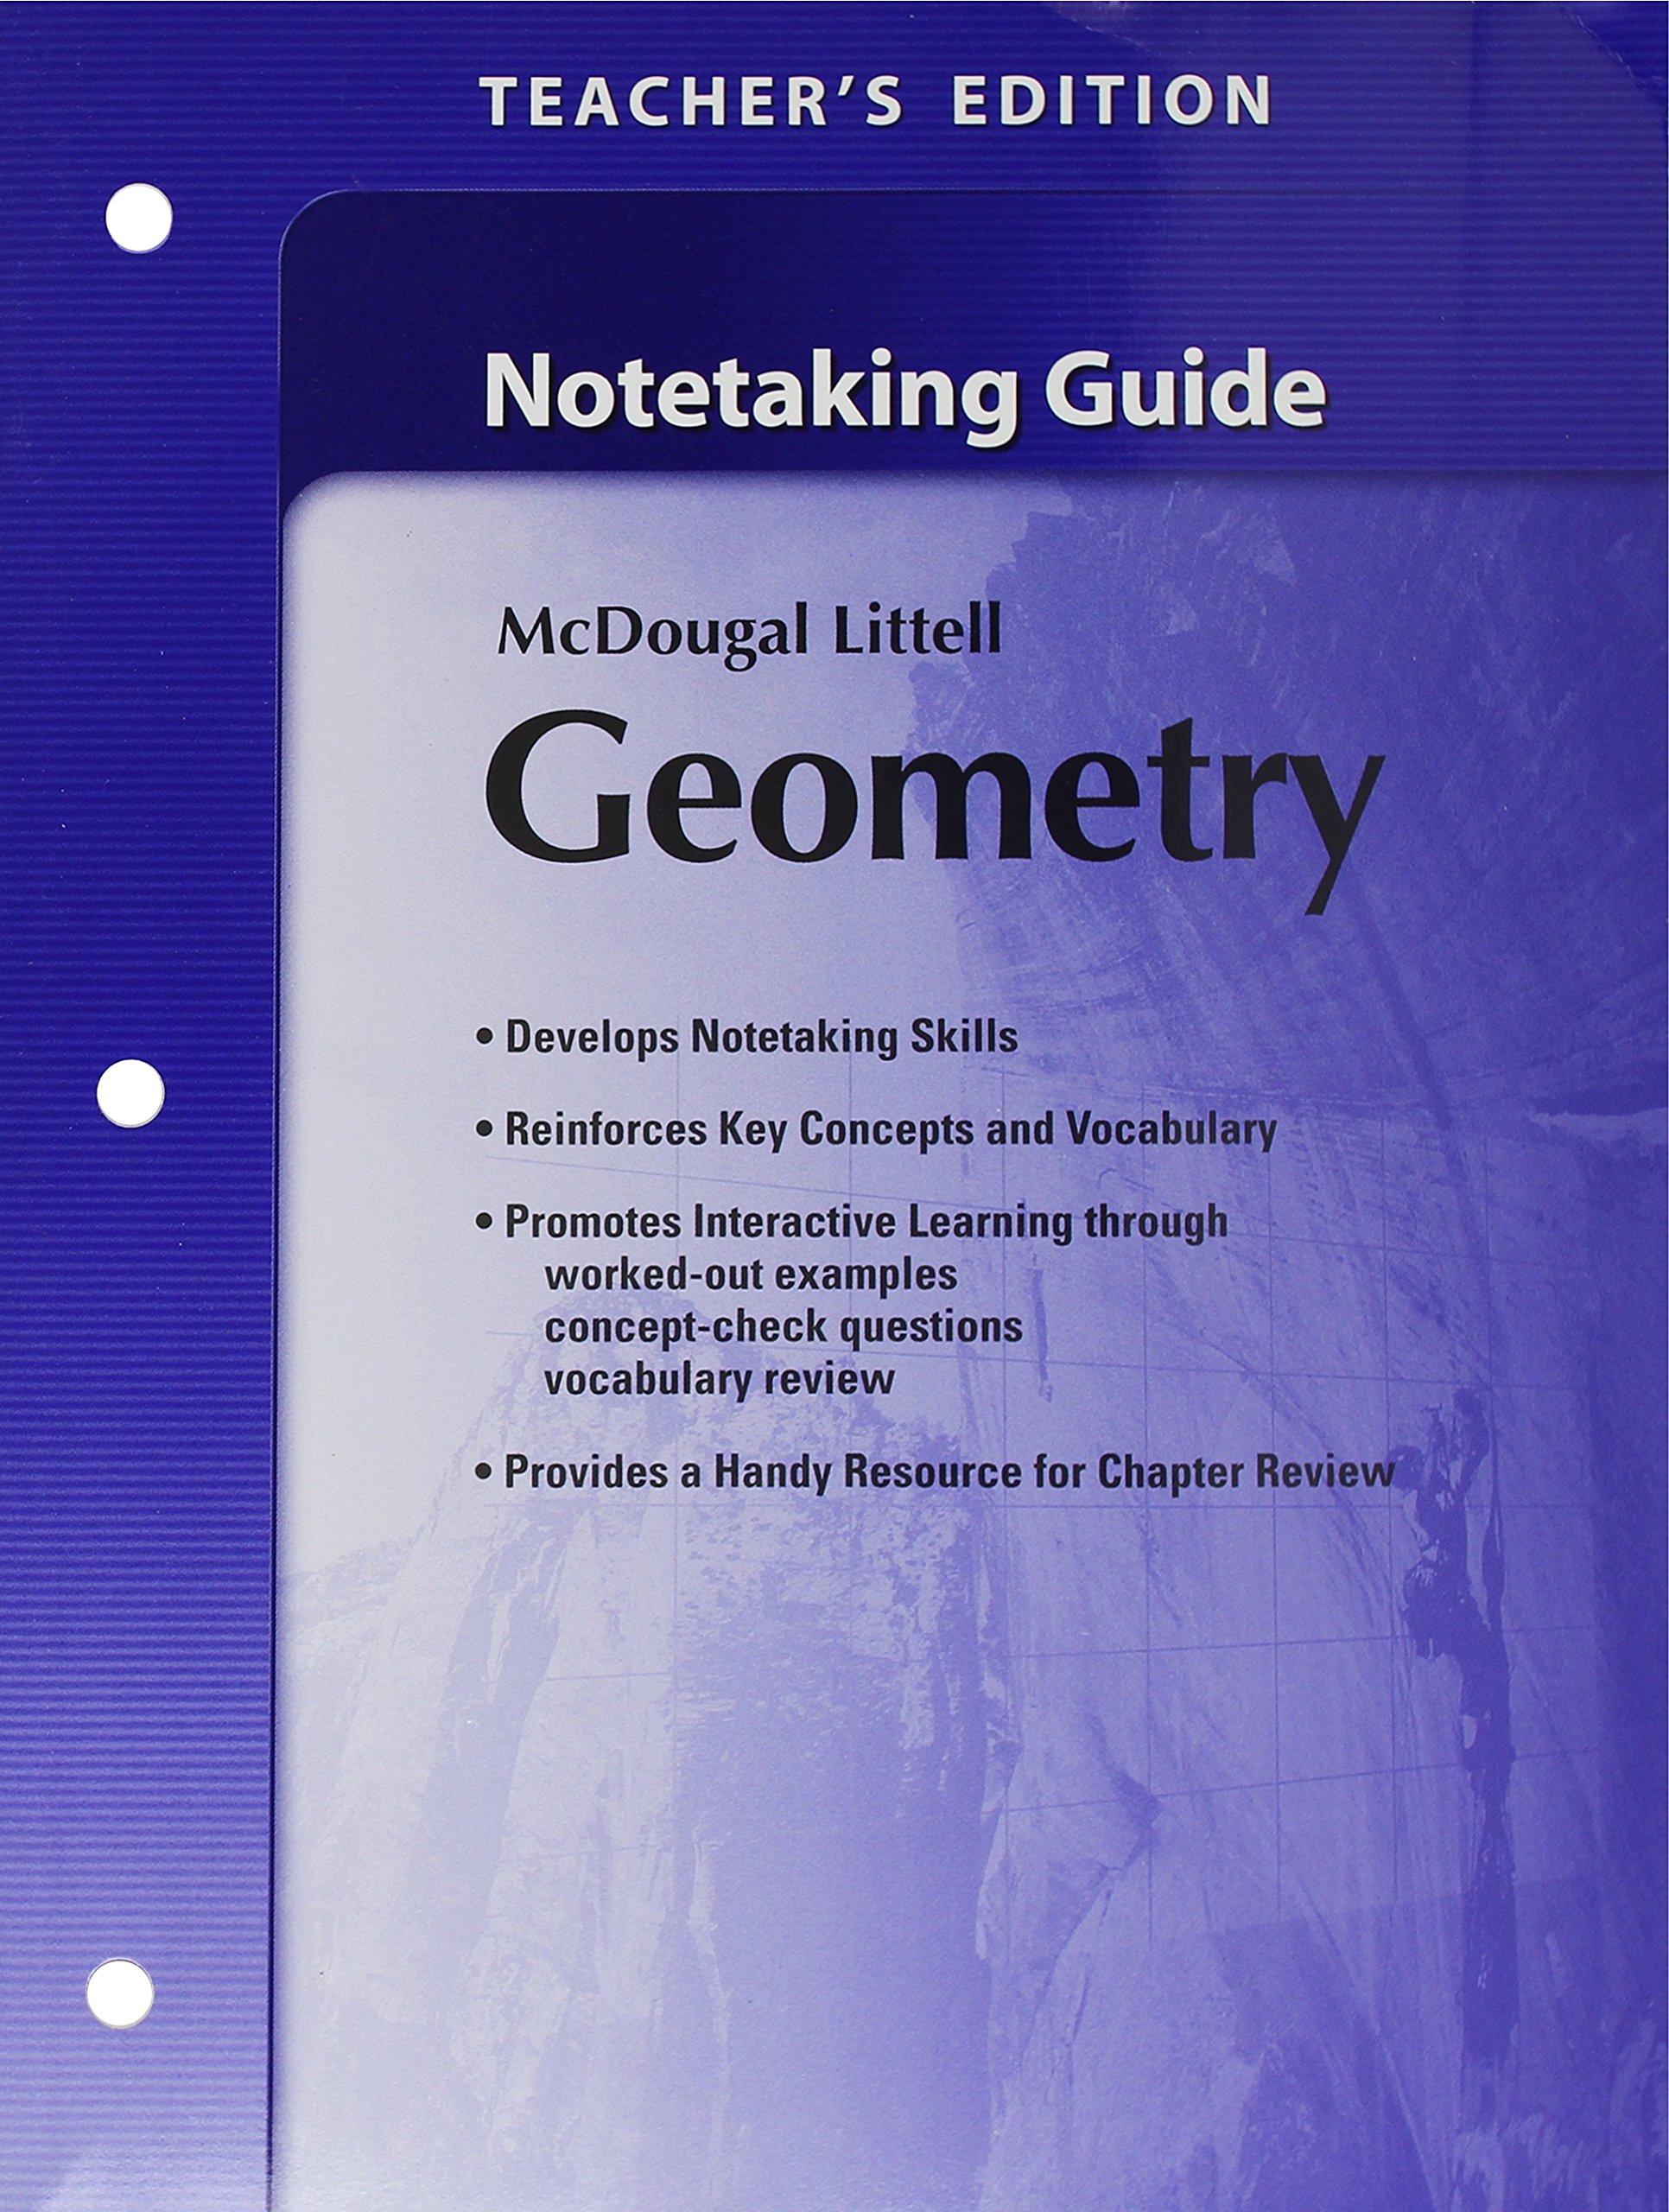 Amazon.com: Holt McDougal Larson Geometry: Teacher's Notetaking Guide  (9780618736898): MCDOUGAL LITTEL: Books